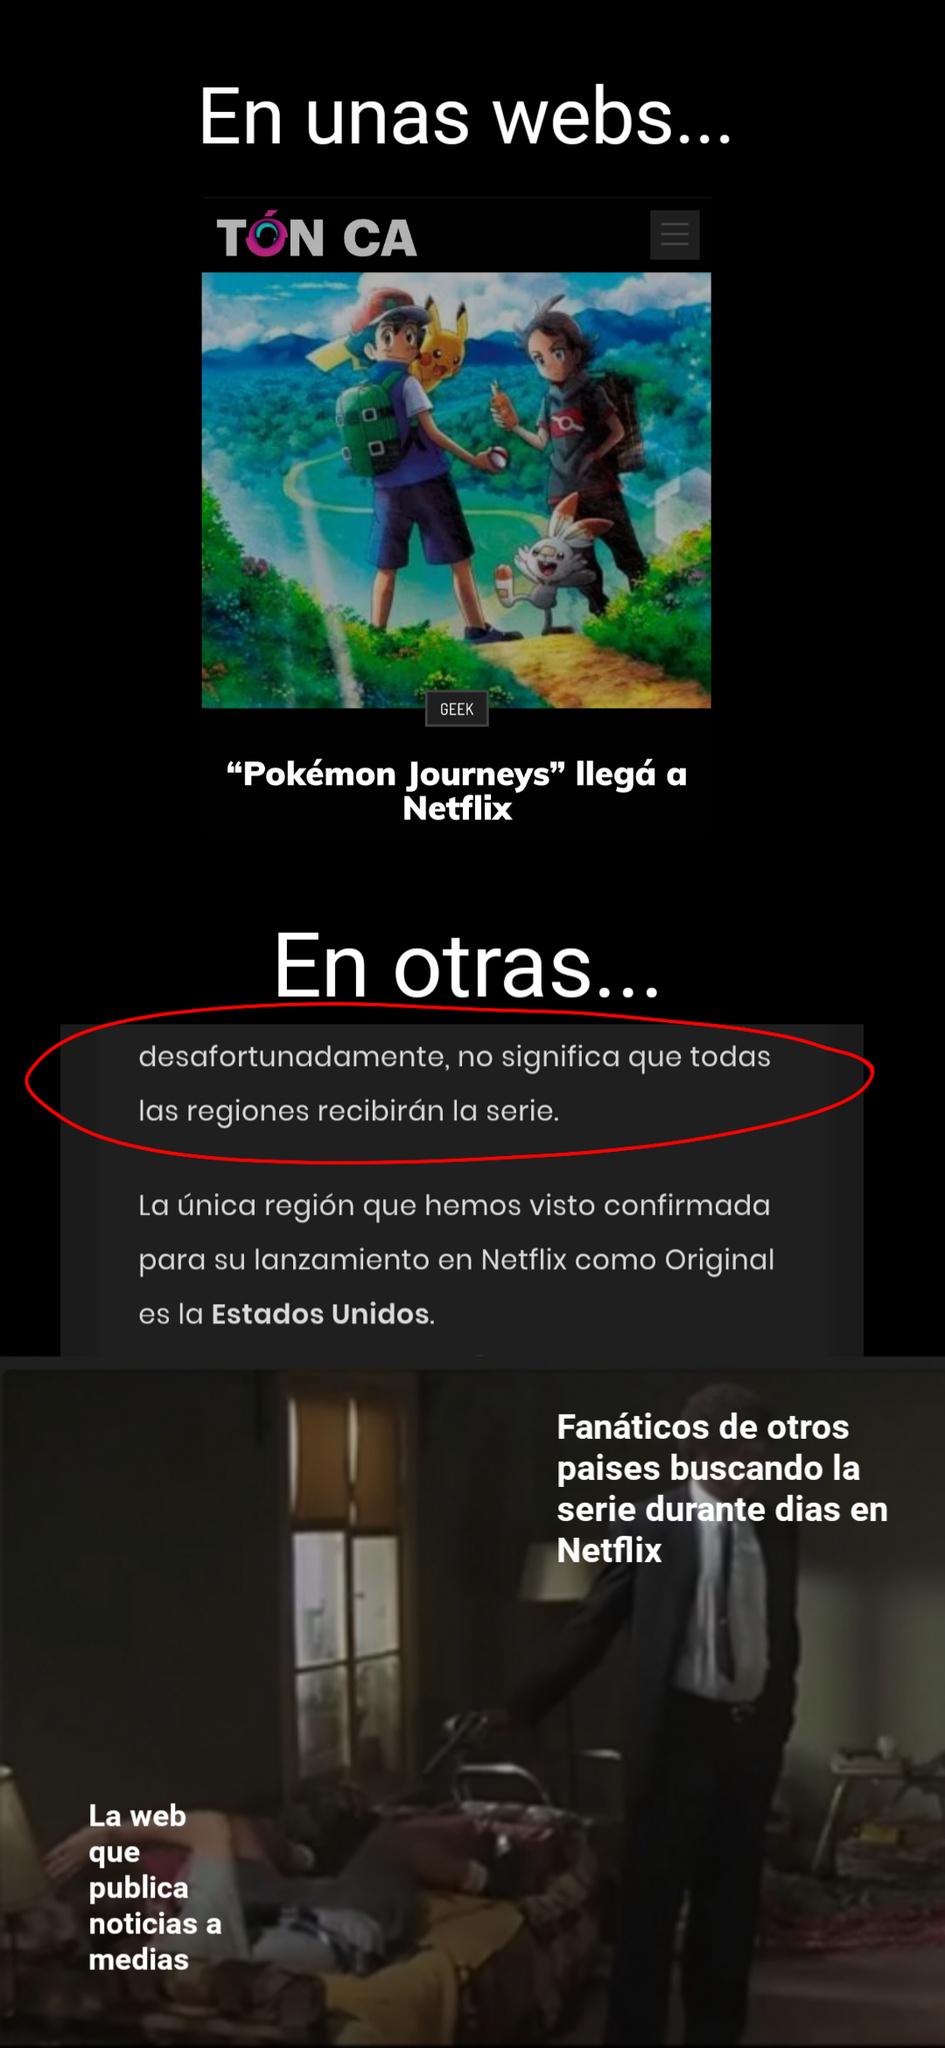 Se estrenó Pokémon en Netflix el 12 de junio... - meme